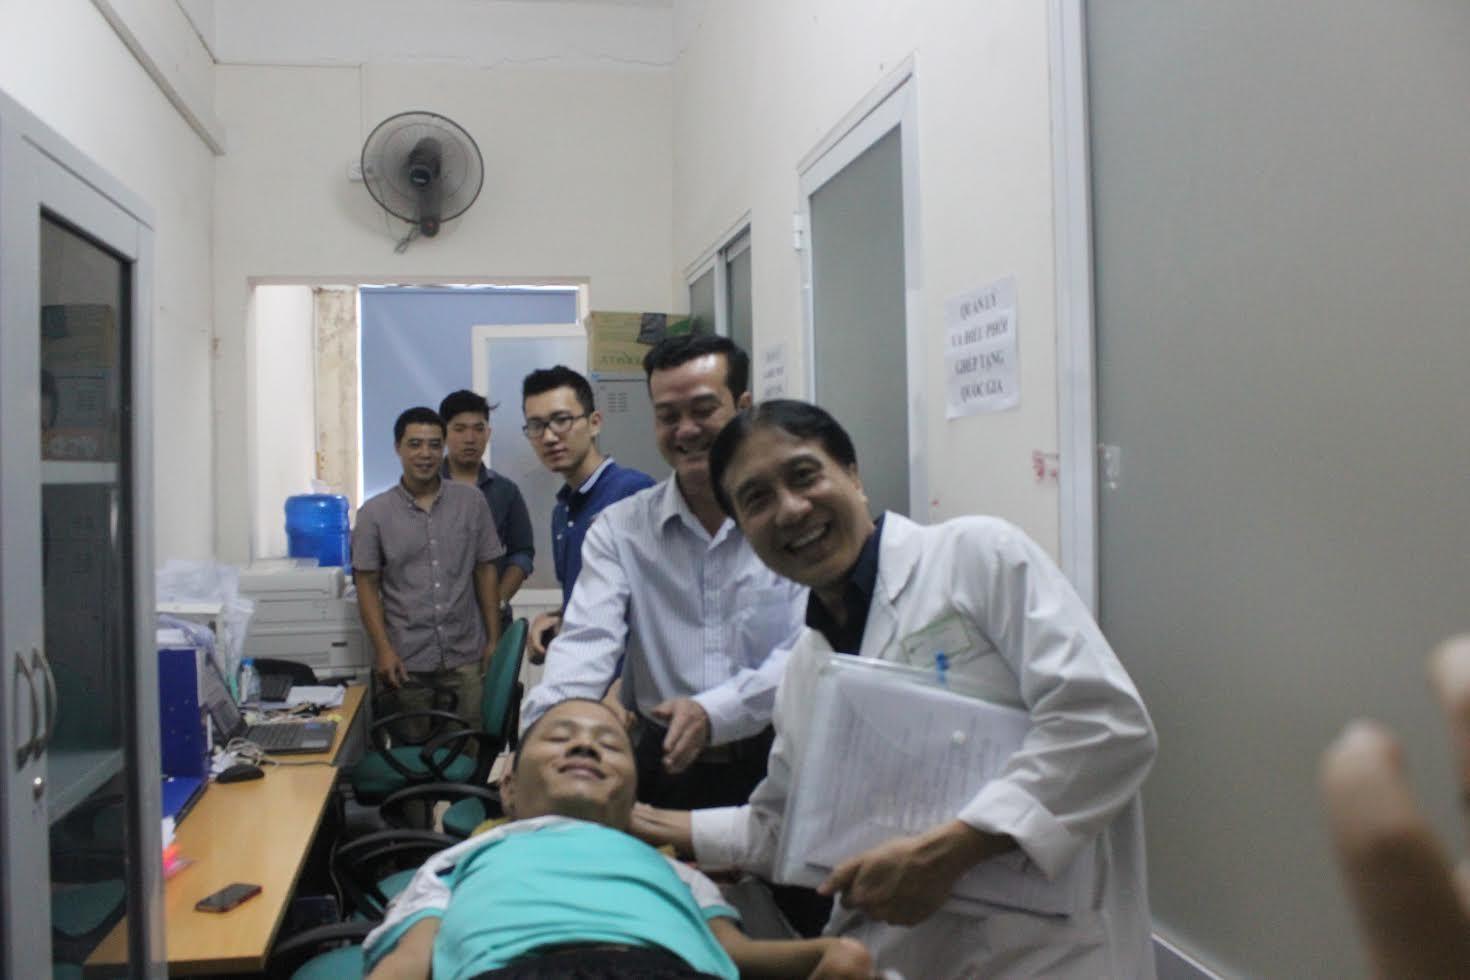 Anh Long đã được GS Sơn và cán bộ Trung tâm Điều phối quốc gia về ghép bộ phận cơ thể người đón tiếp chu đáo, giải thích về nguyện vọng của anh và động viên, tư vấn anh tiếp tục điều trị.